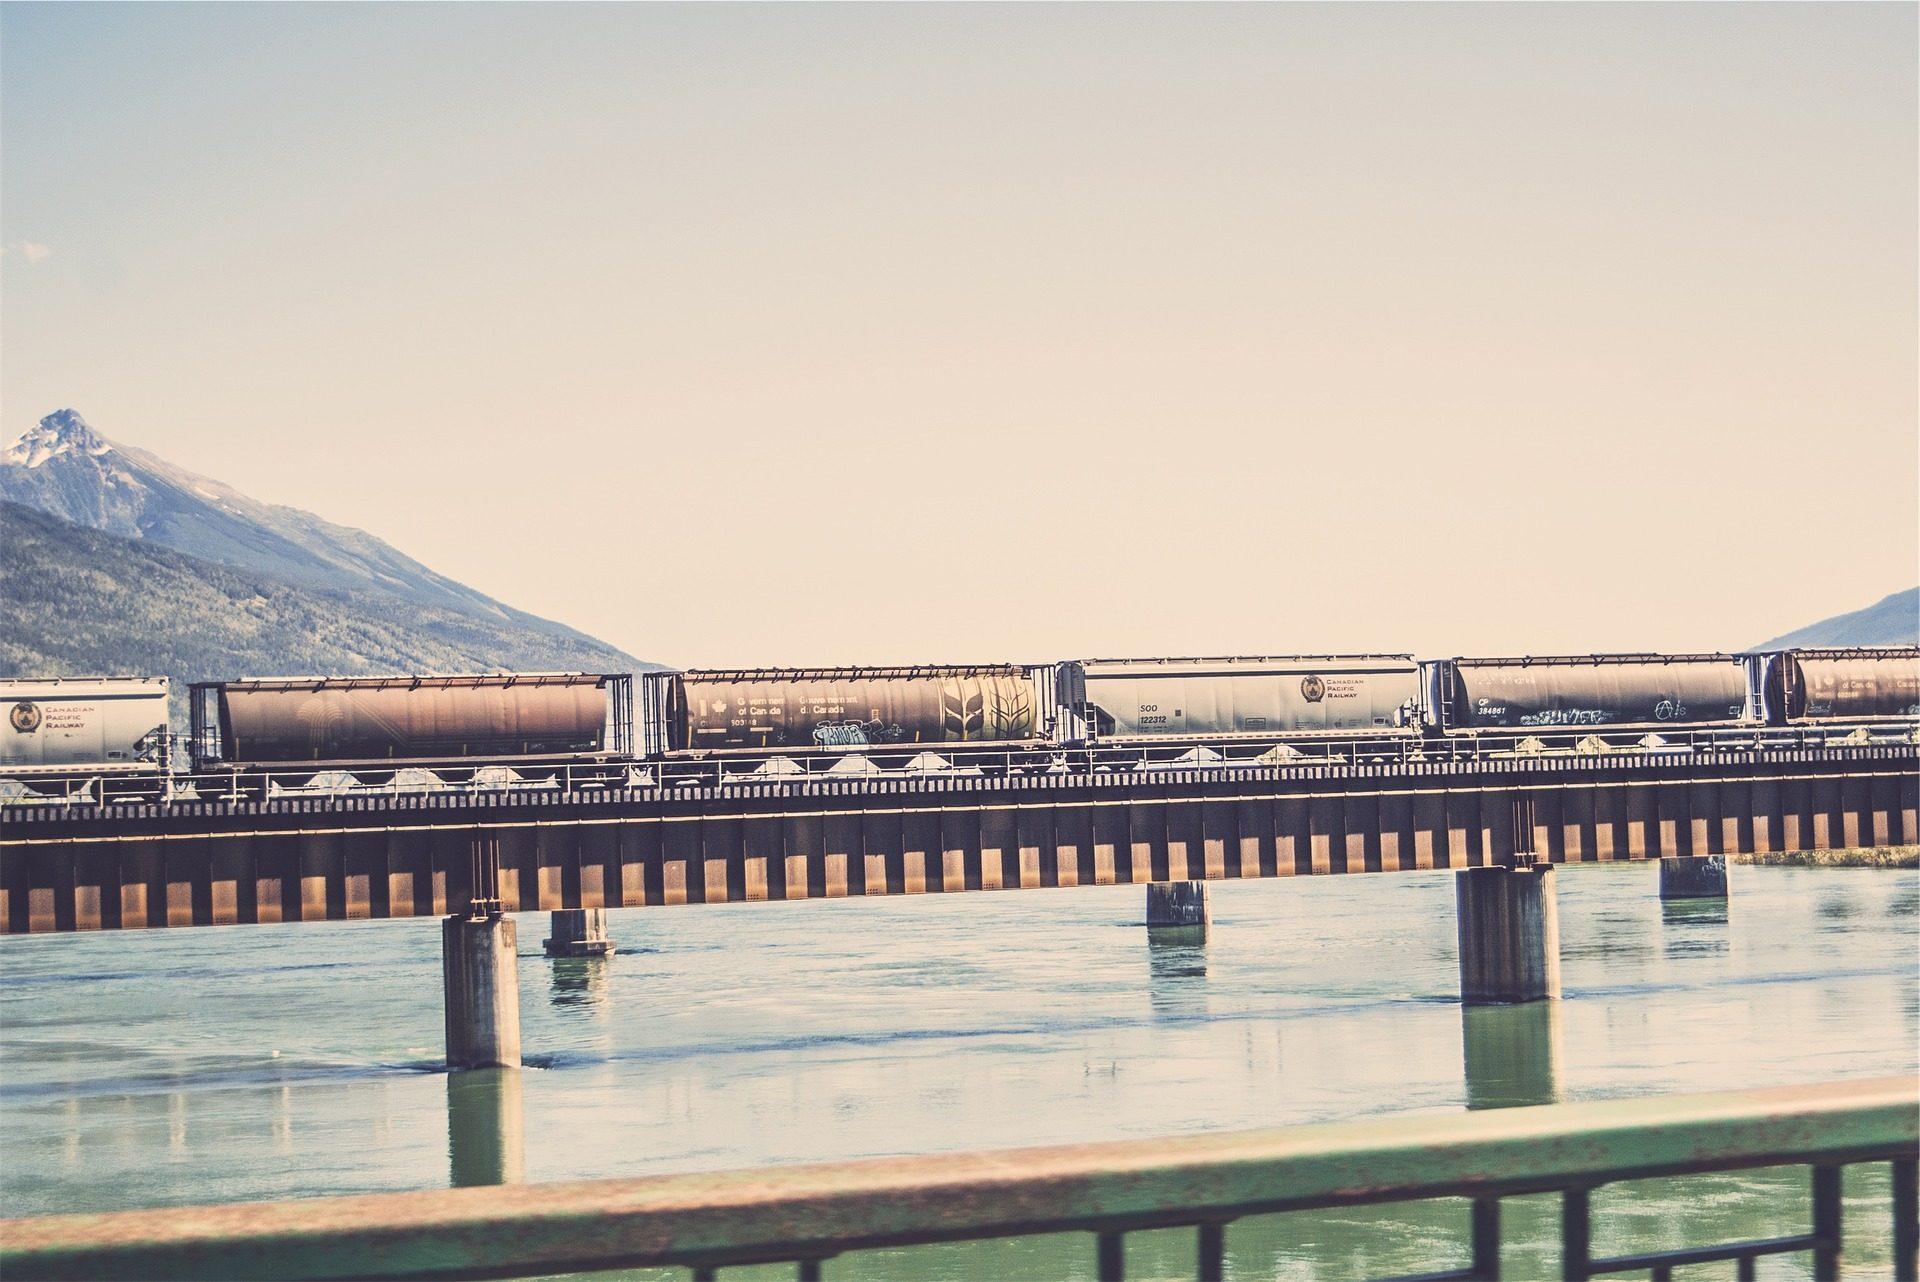 تدريب, السكك الحديدية, السلع, عربات, جسر, المياه - خلفيات عالية الدقة - أستاذ falken.com